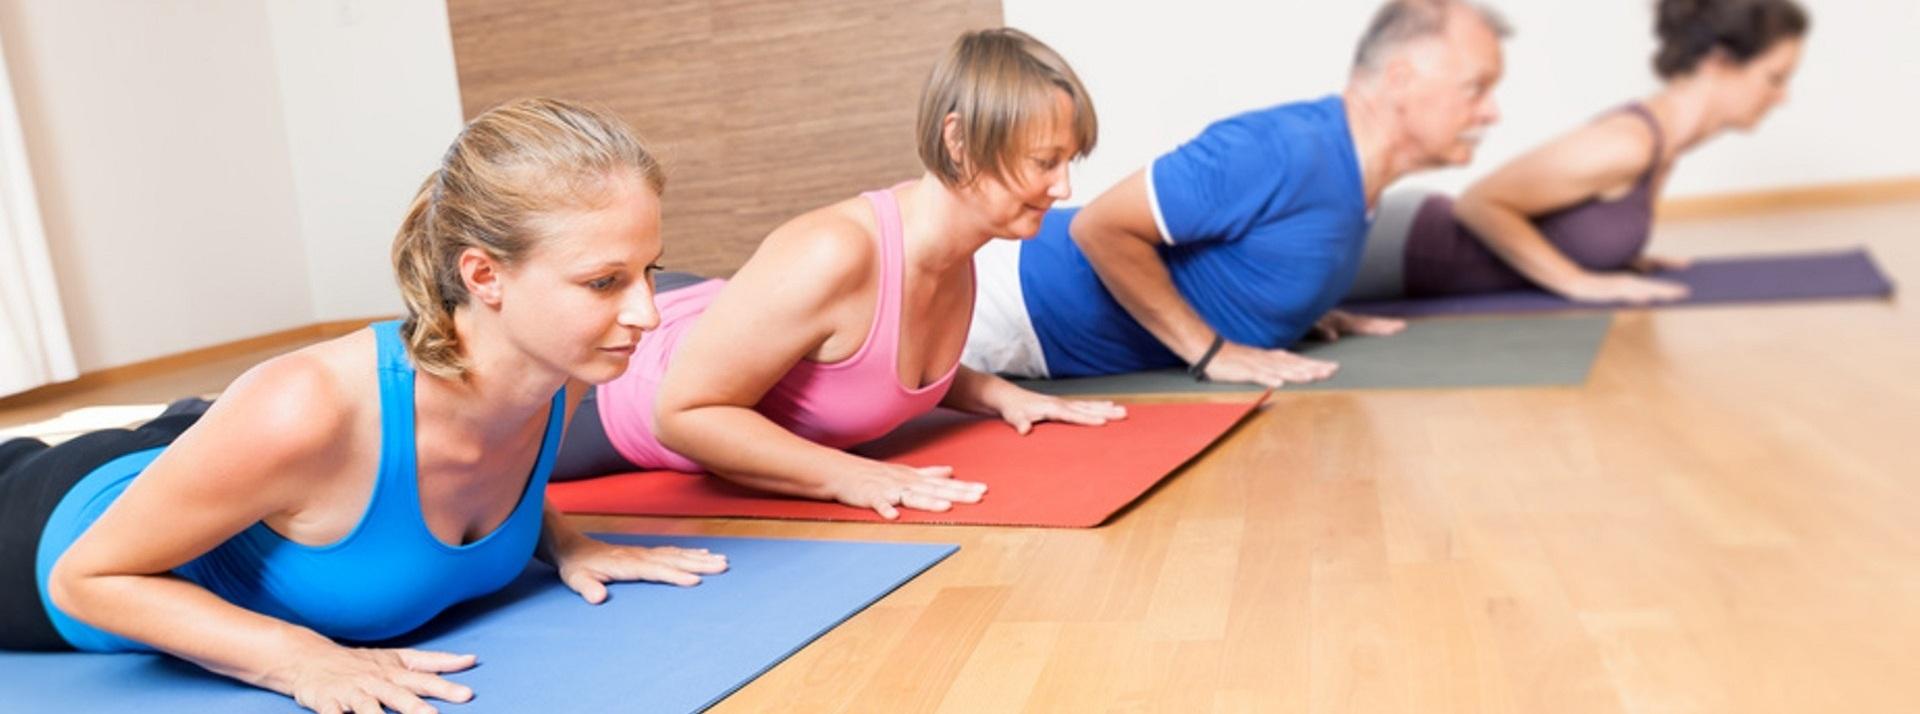 Physiotherapie und Gesundheitstraining